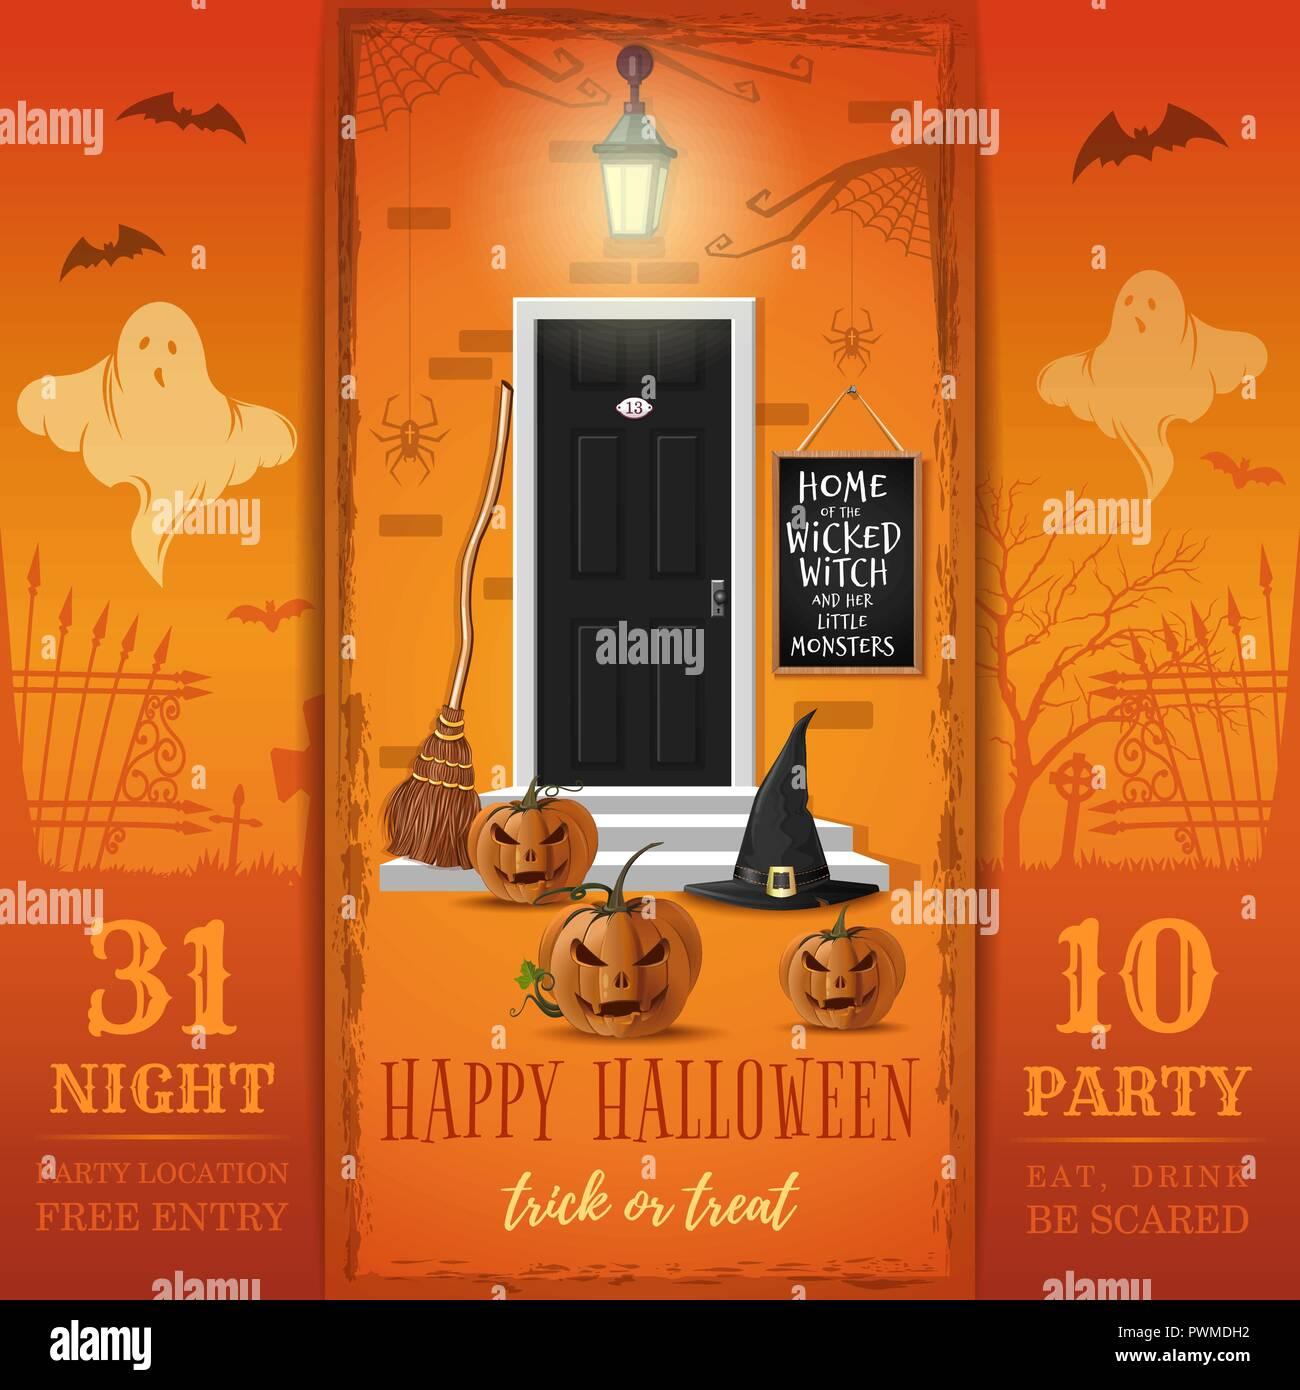 Einladungskarte für eine Halloween Party. Essen, Trinken, Angst. Haus der bösen Hexe und ihre kleinen Monster. Vector Illustration Stockbild